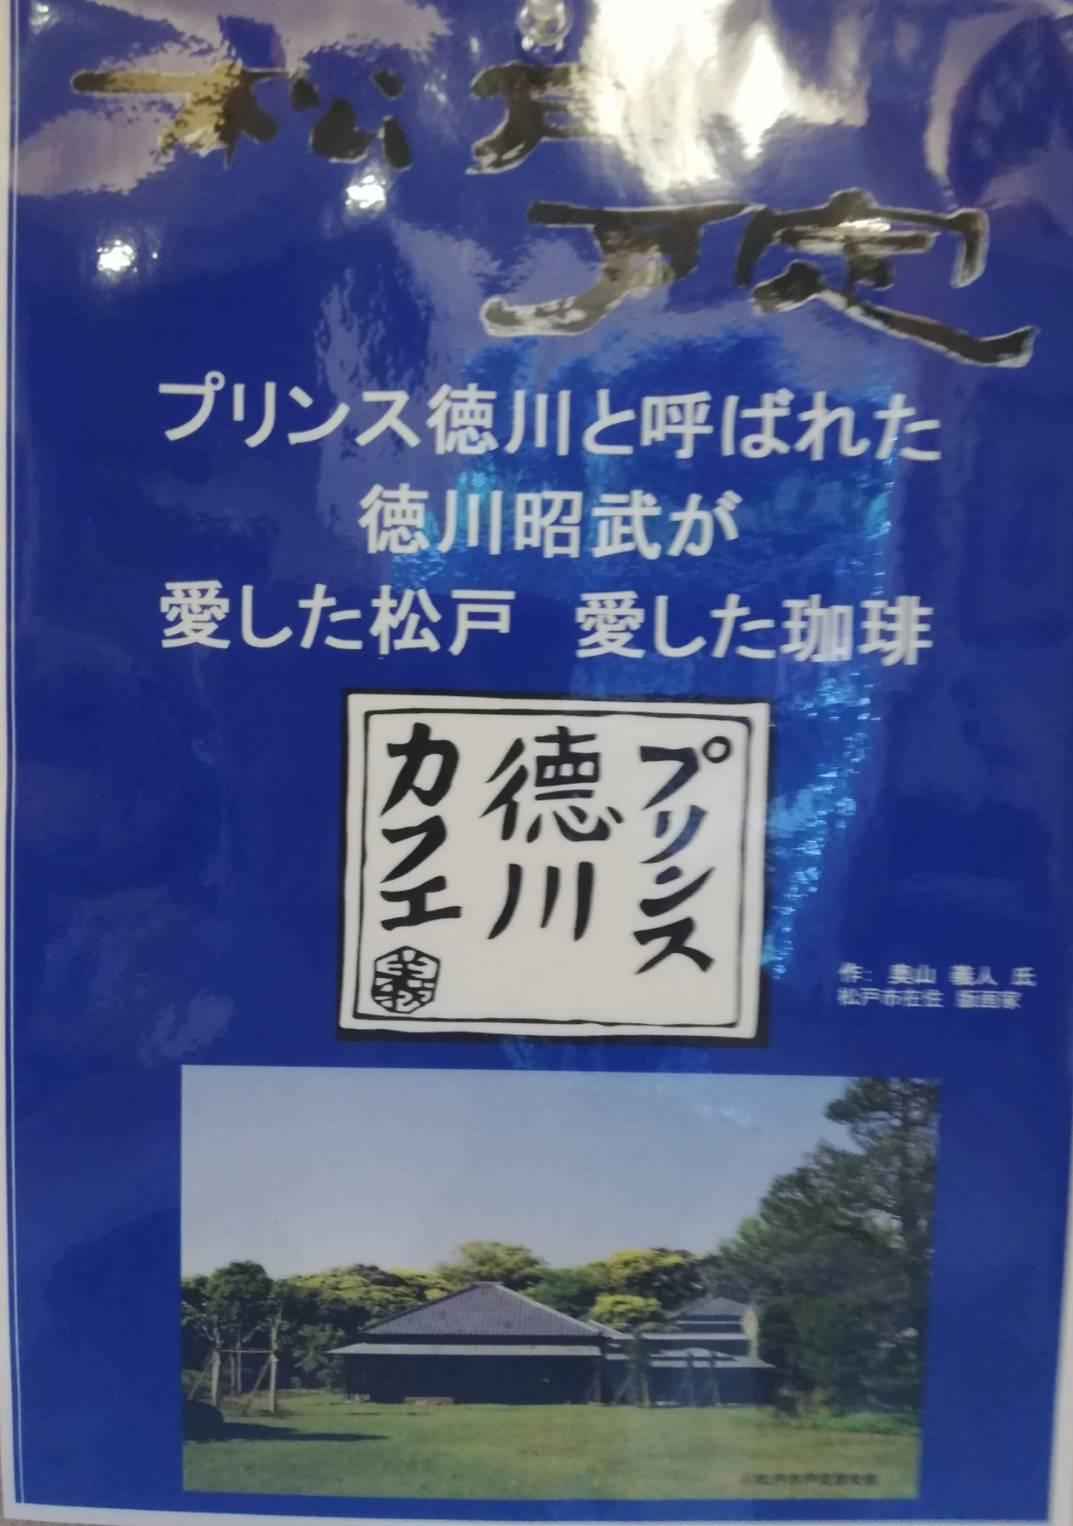 徳川プリンスカフェ松戸市